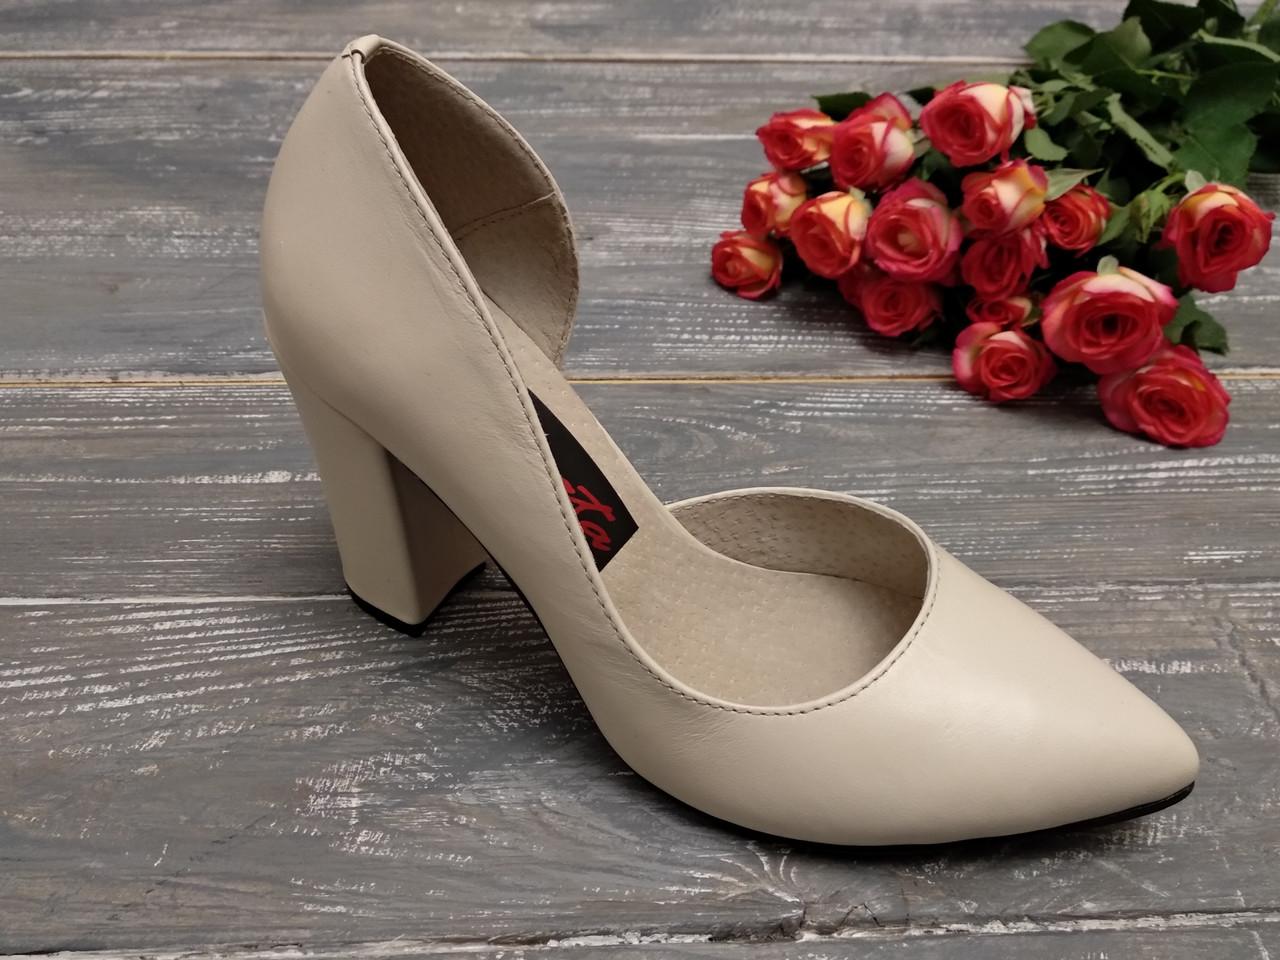 Жіночі туфлі Donata. Замовляй з легкістю в 1 клік!